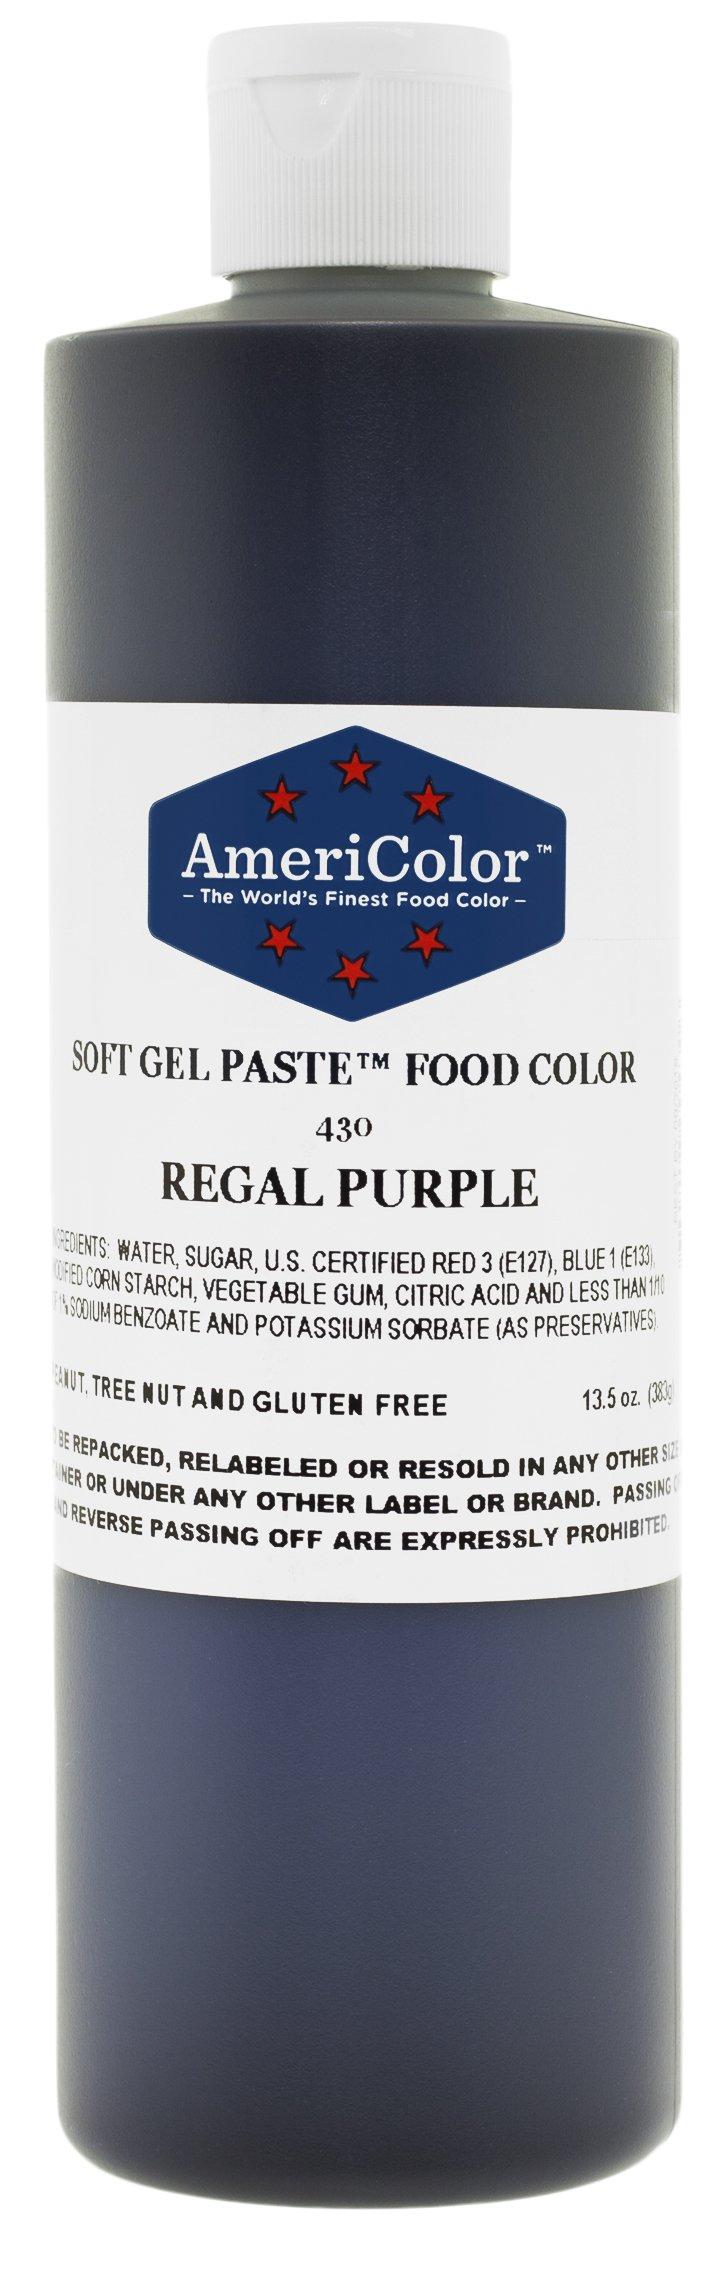 Americolor Gel colour, 131/2-Ounce, Regal Purple by AmeriColor (Image #1)